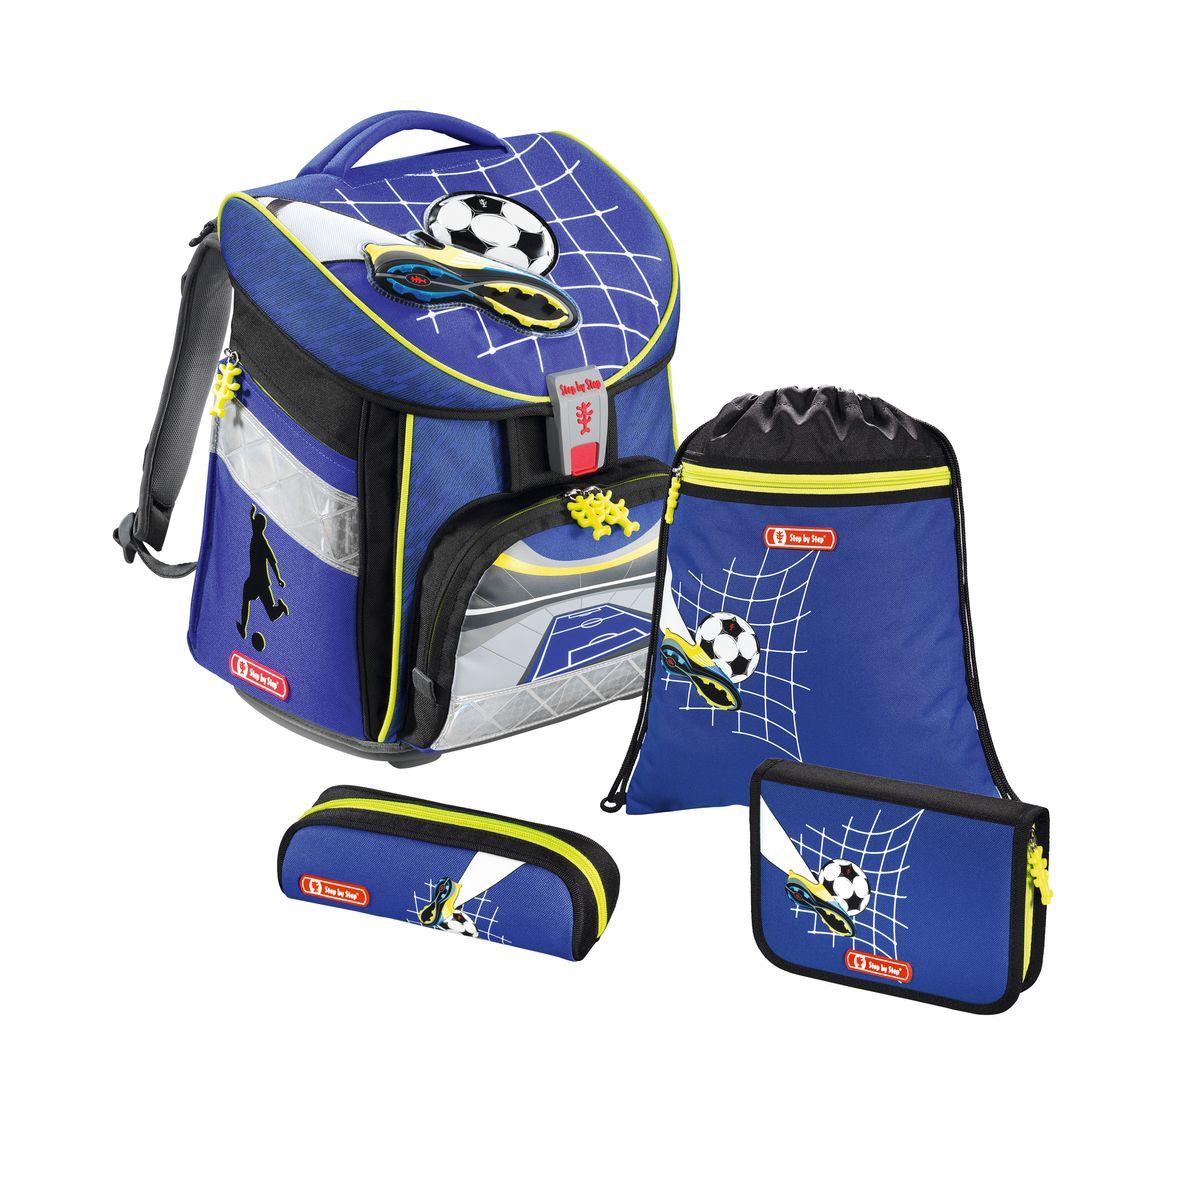 Hama Ранец школьный Step By Step Comfort Top Soccer с наполнением129107Ранец Step By Step Comfort Top Soccer полиэстер синий/рисунок